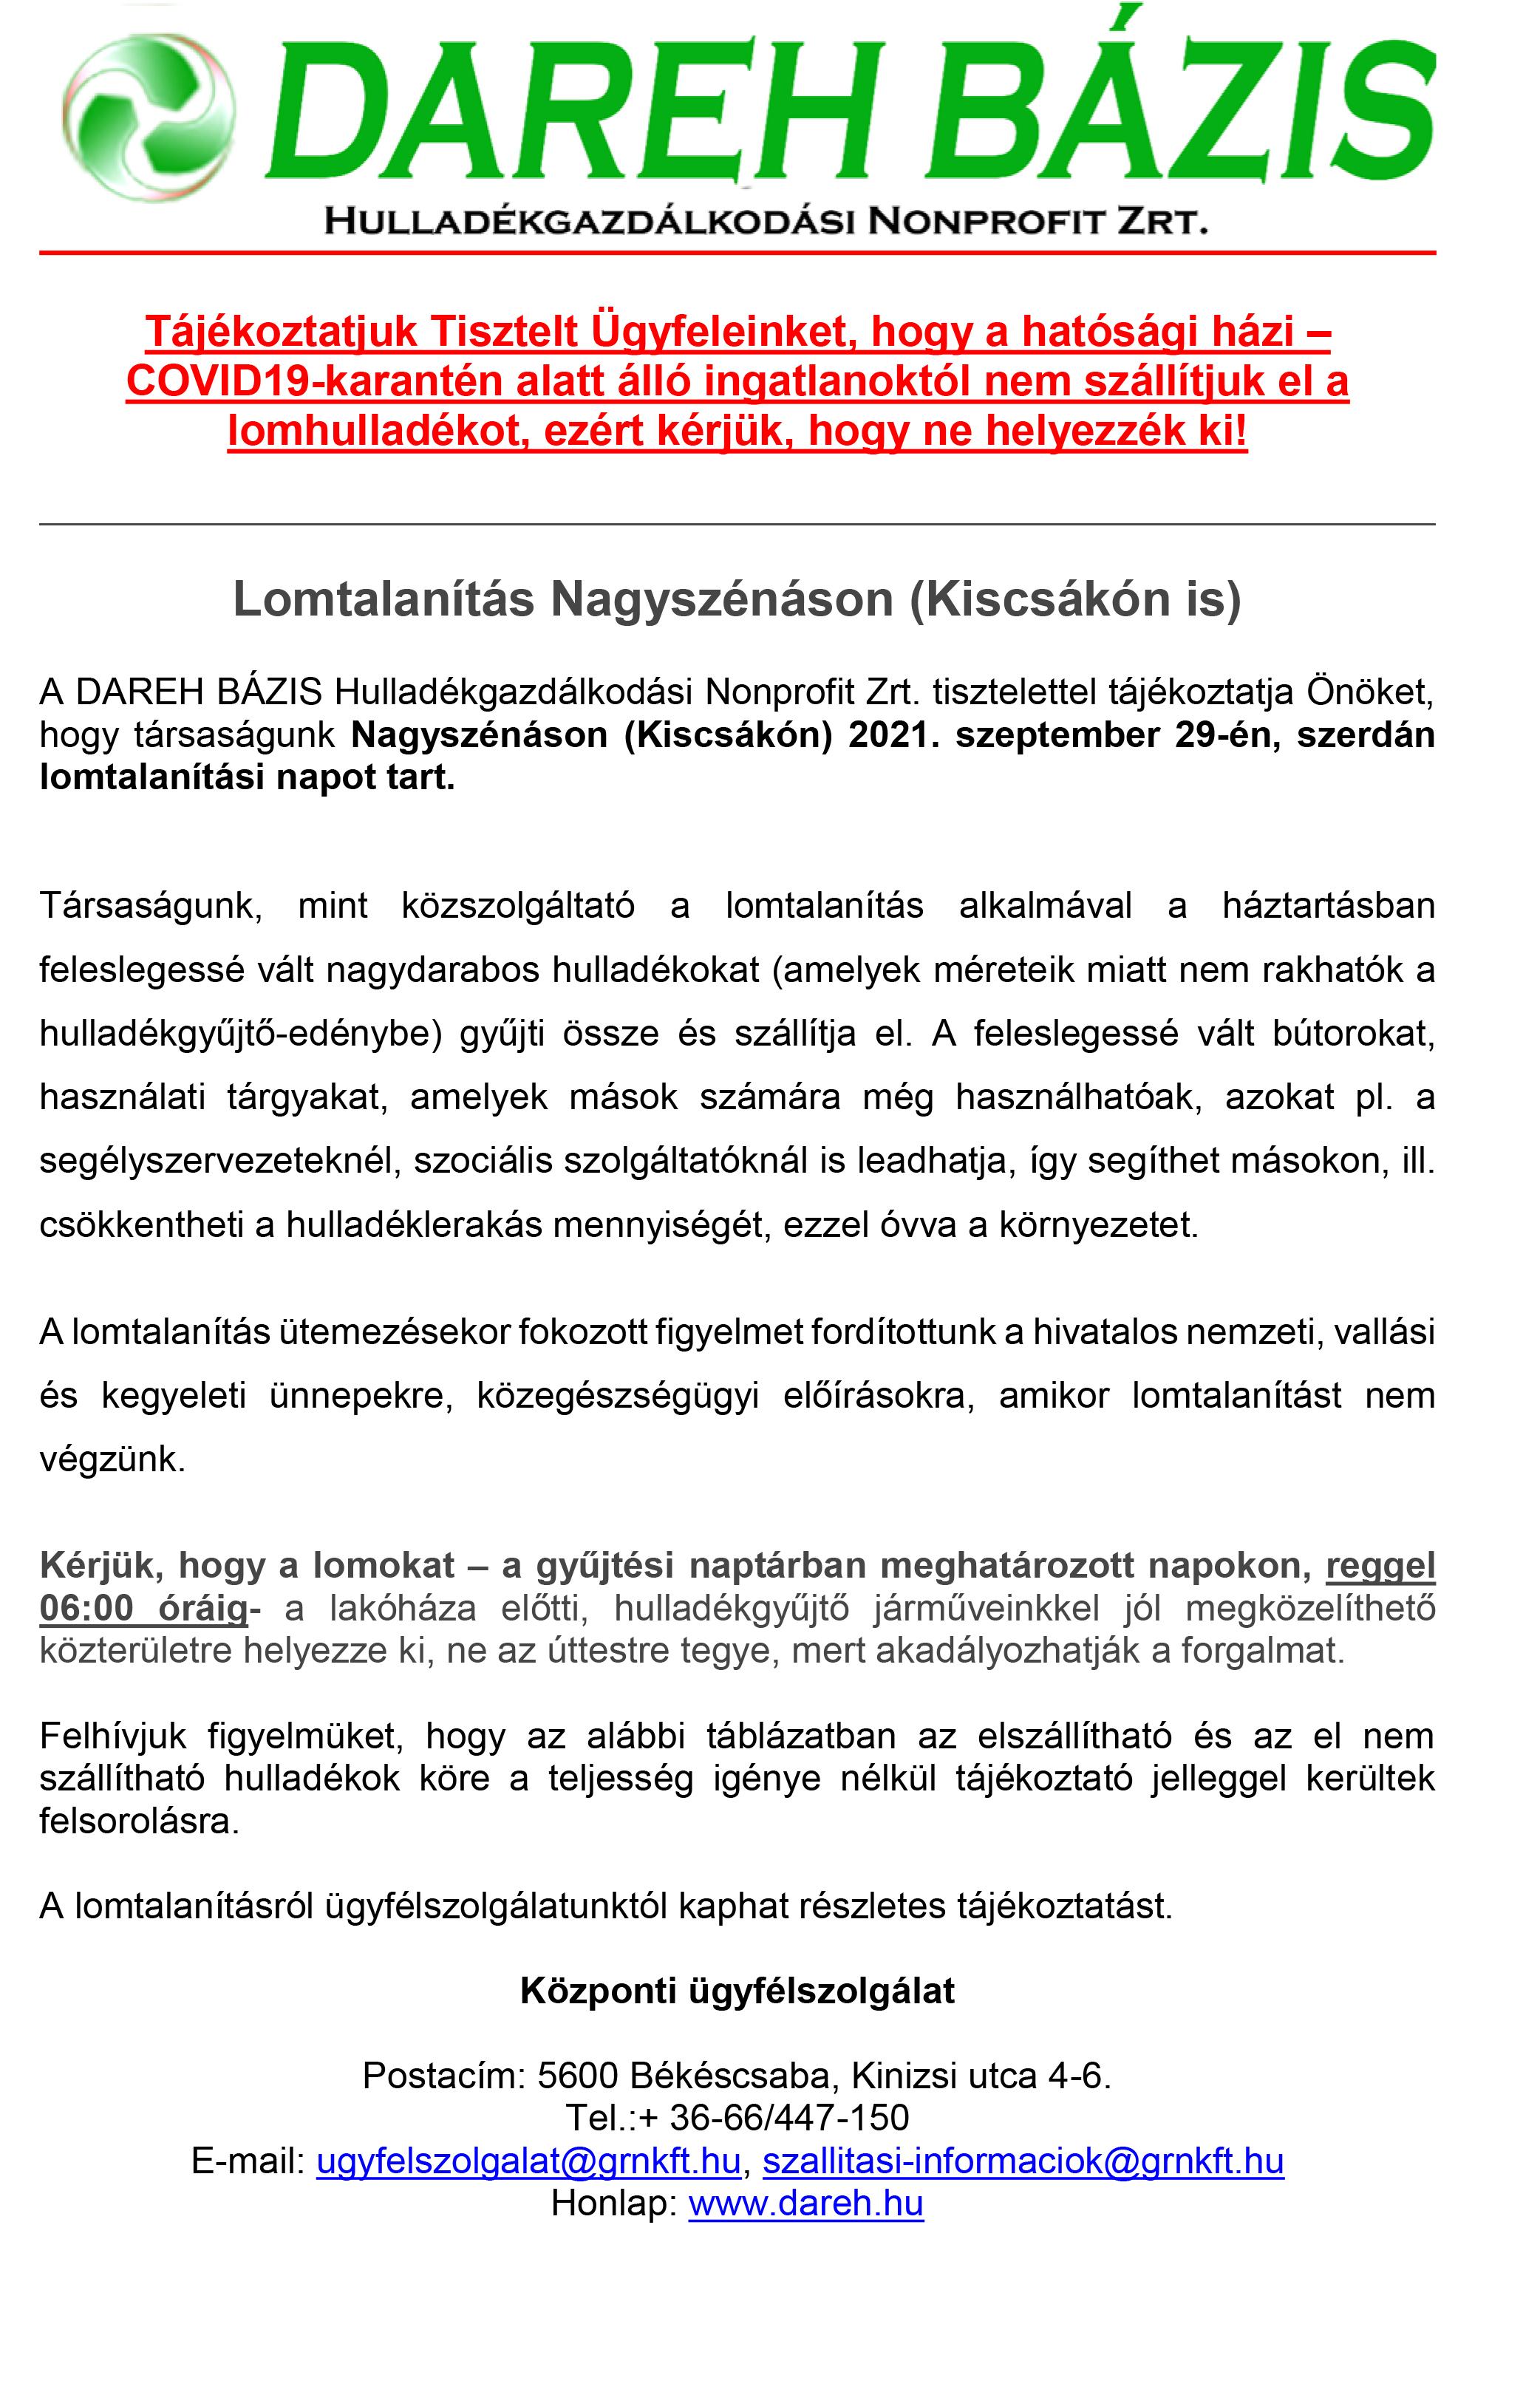 Lomtalanítás Nagyszénáson, 09.-1